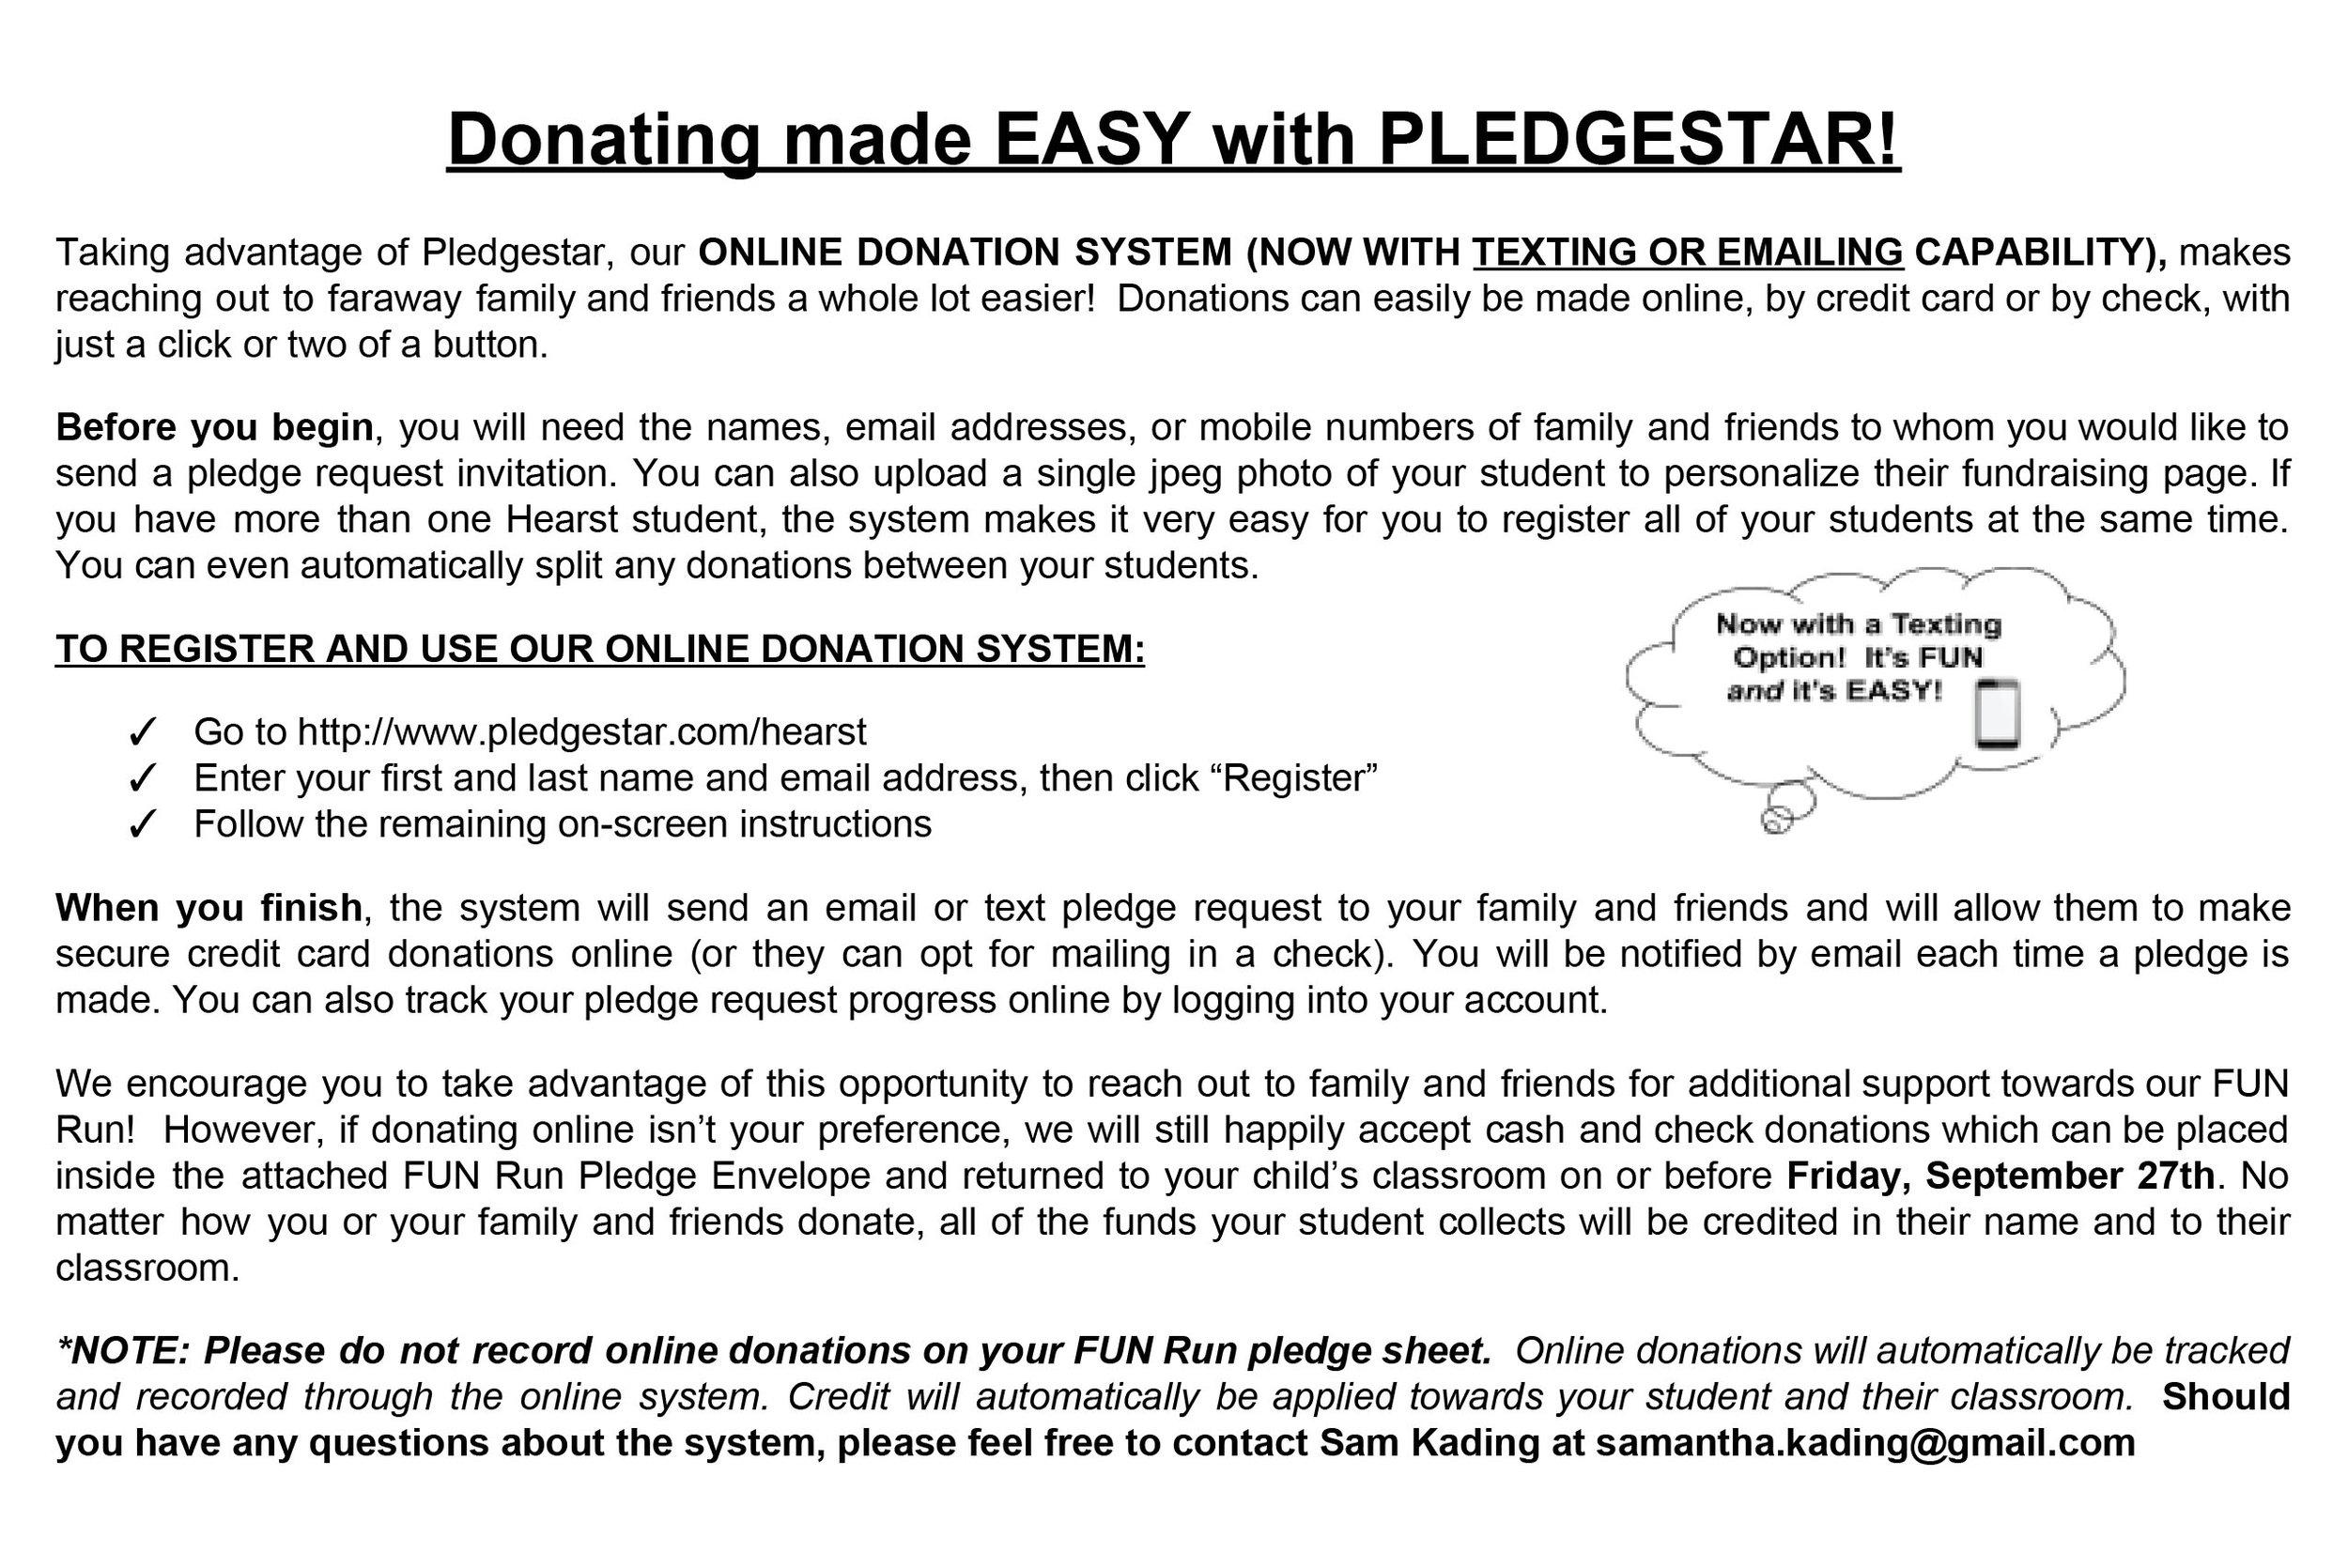 PledgeStar_Instructions_HalfSheet.jpg